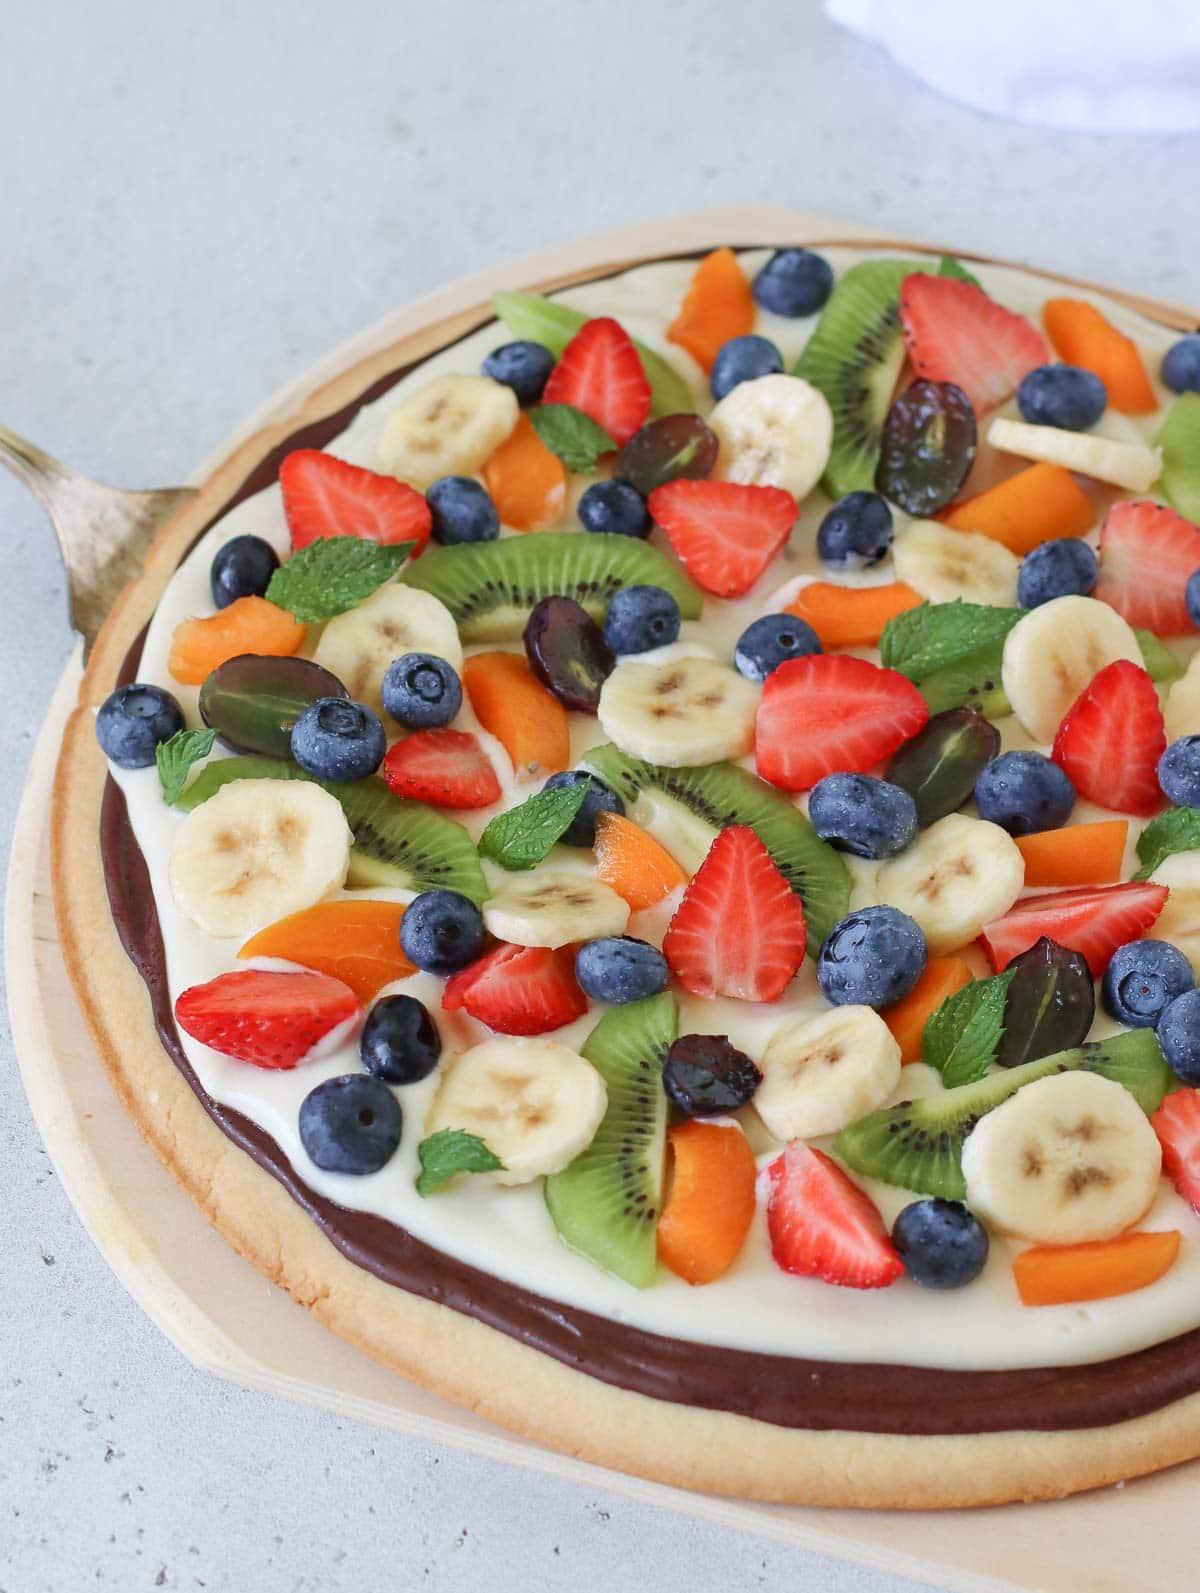 pizza alla frutta con frutta fresca